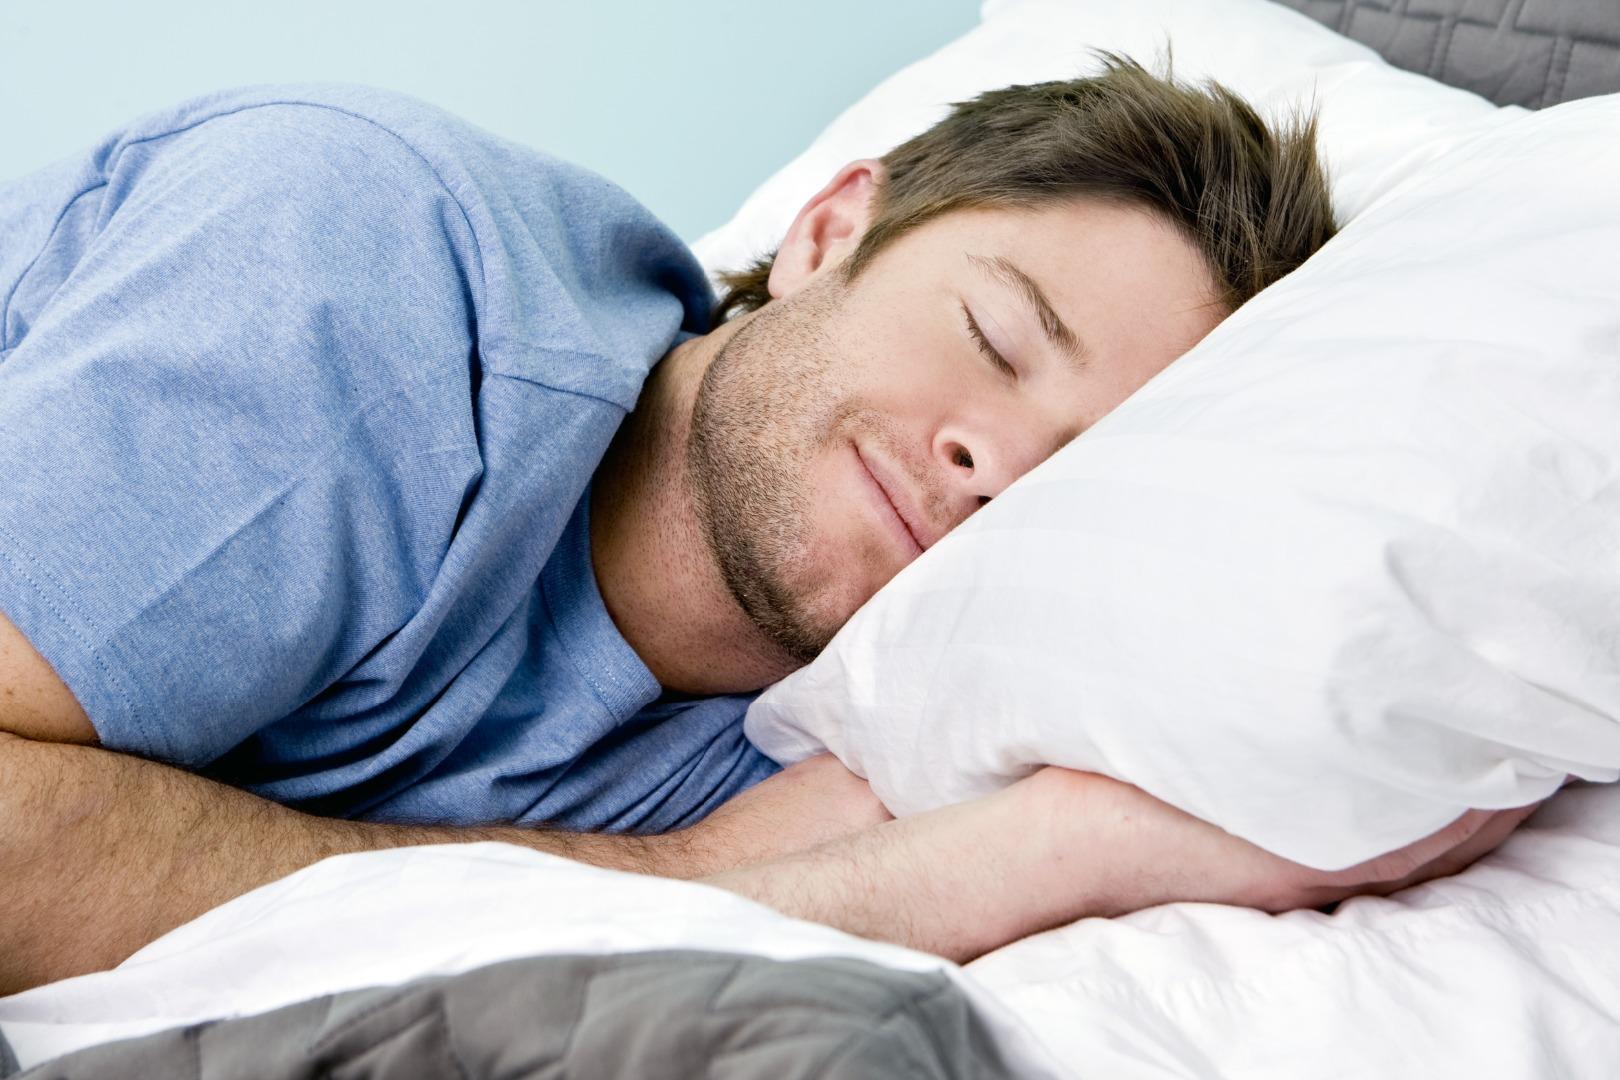 Домагания до спящих фото 131-609